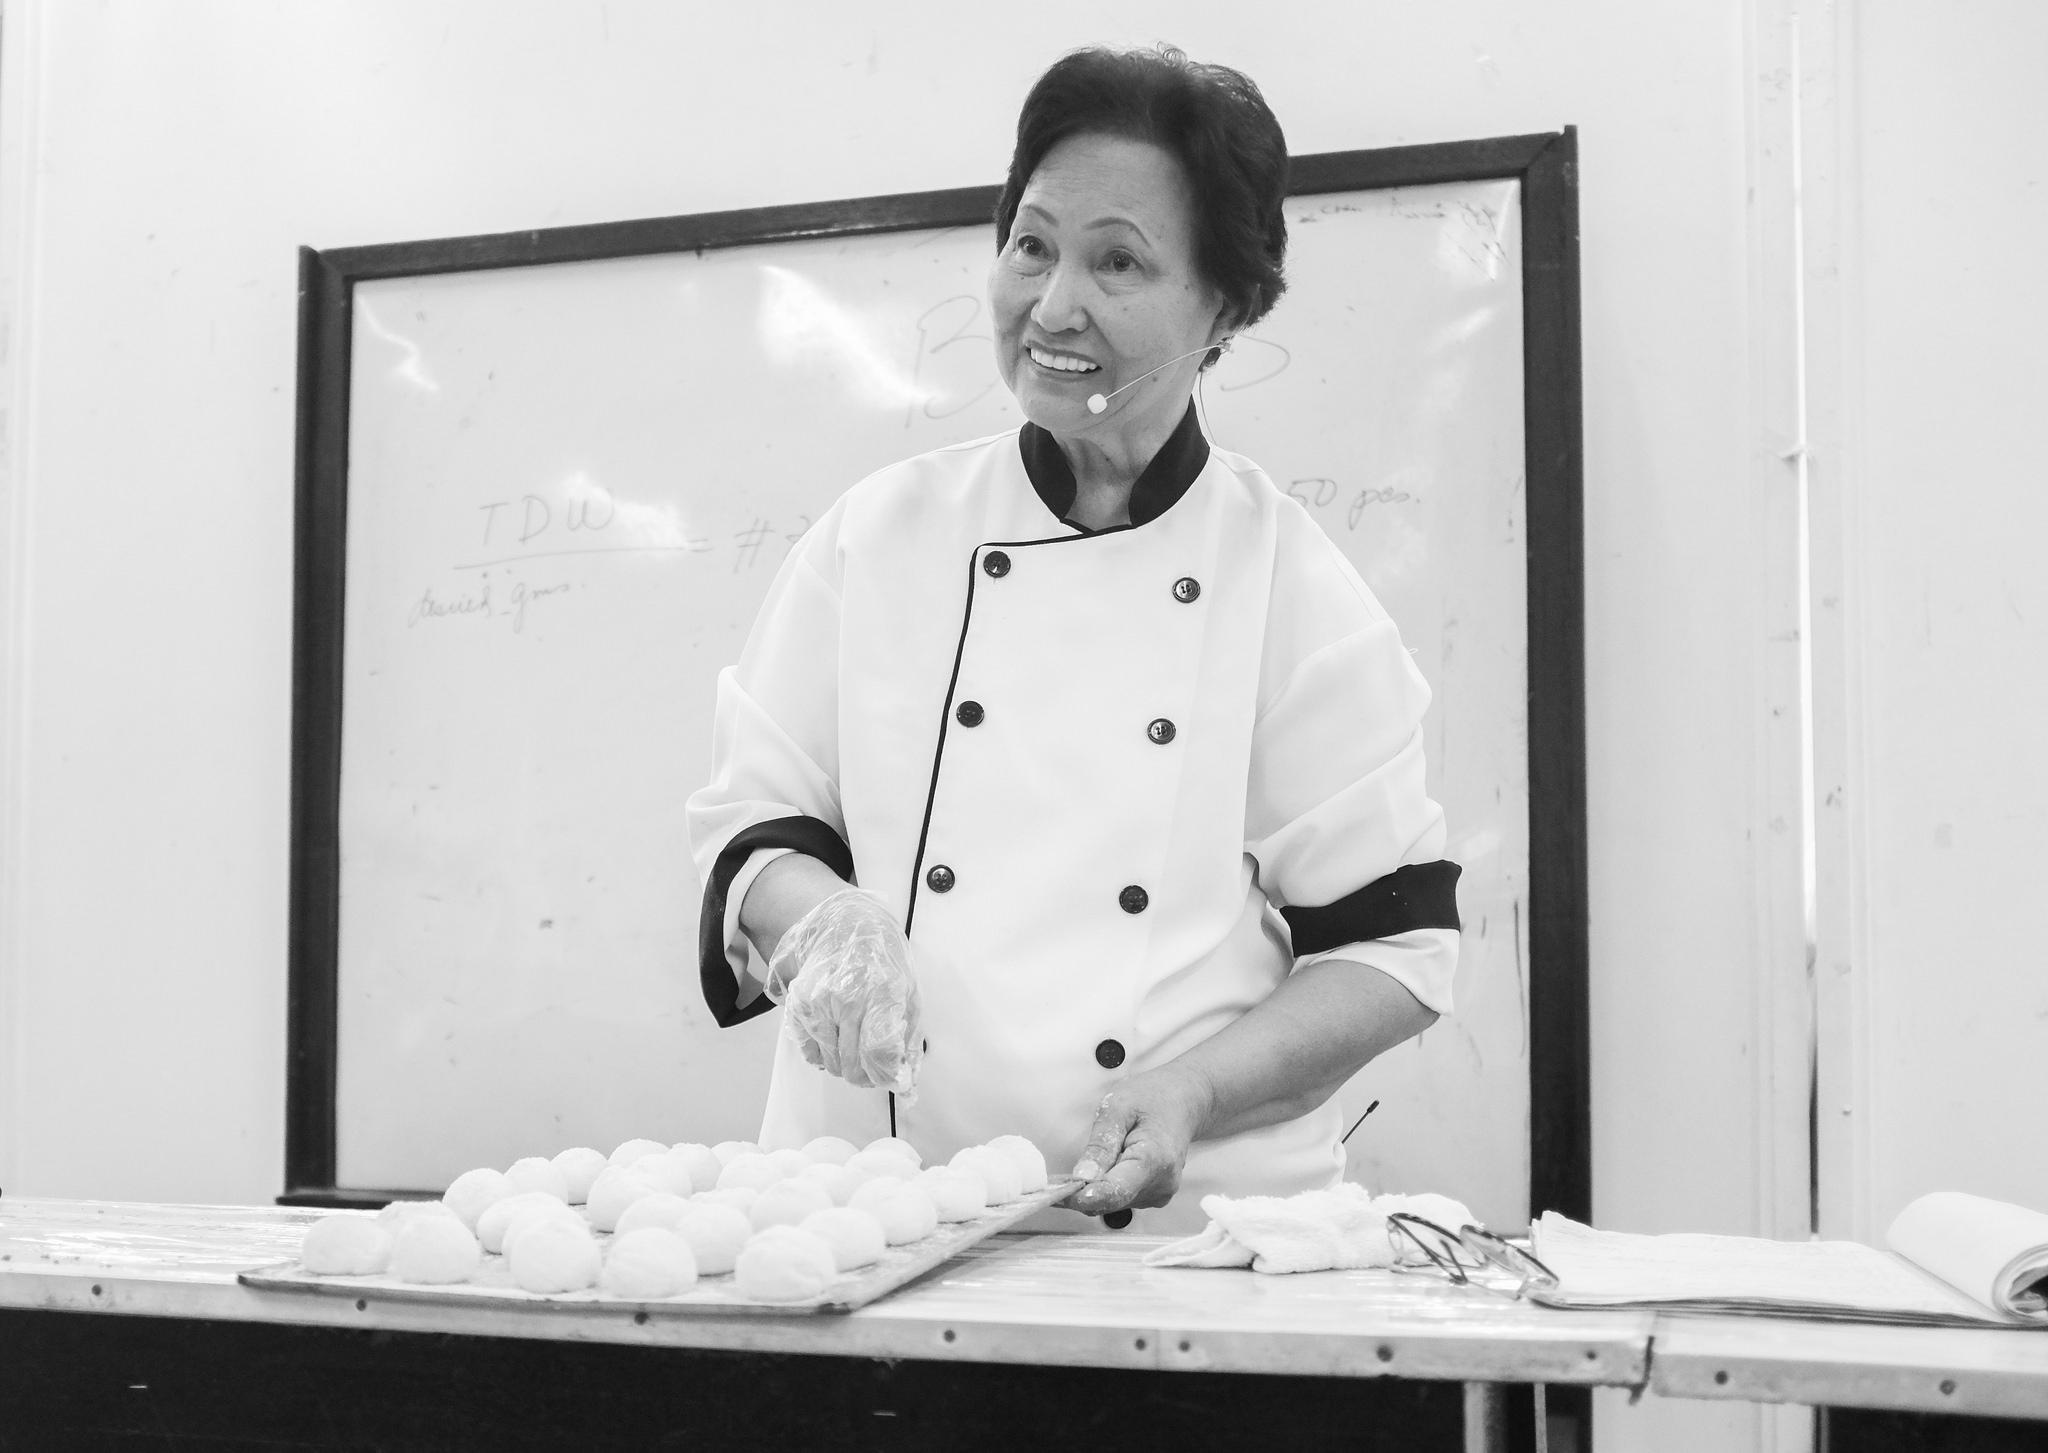 Baking Seminar